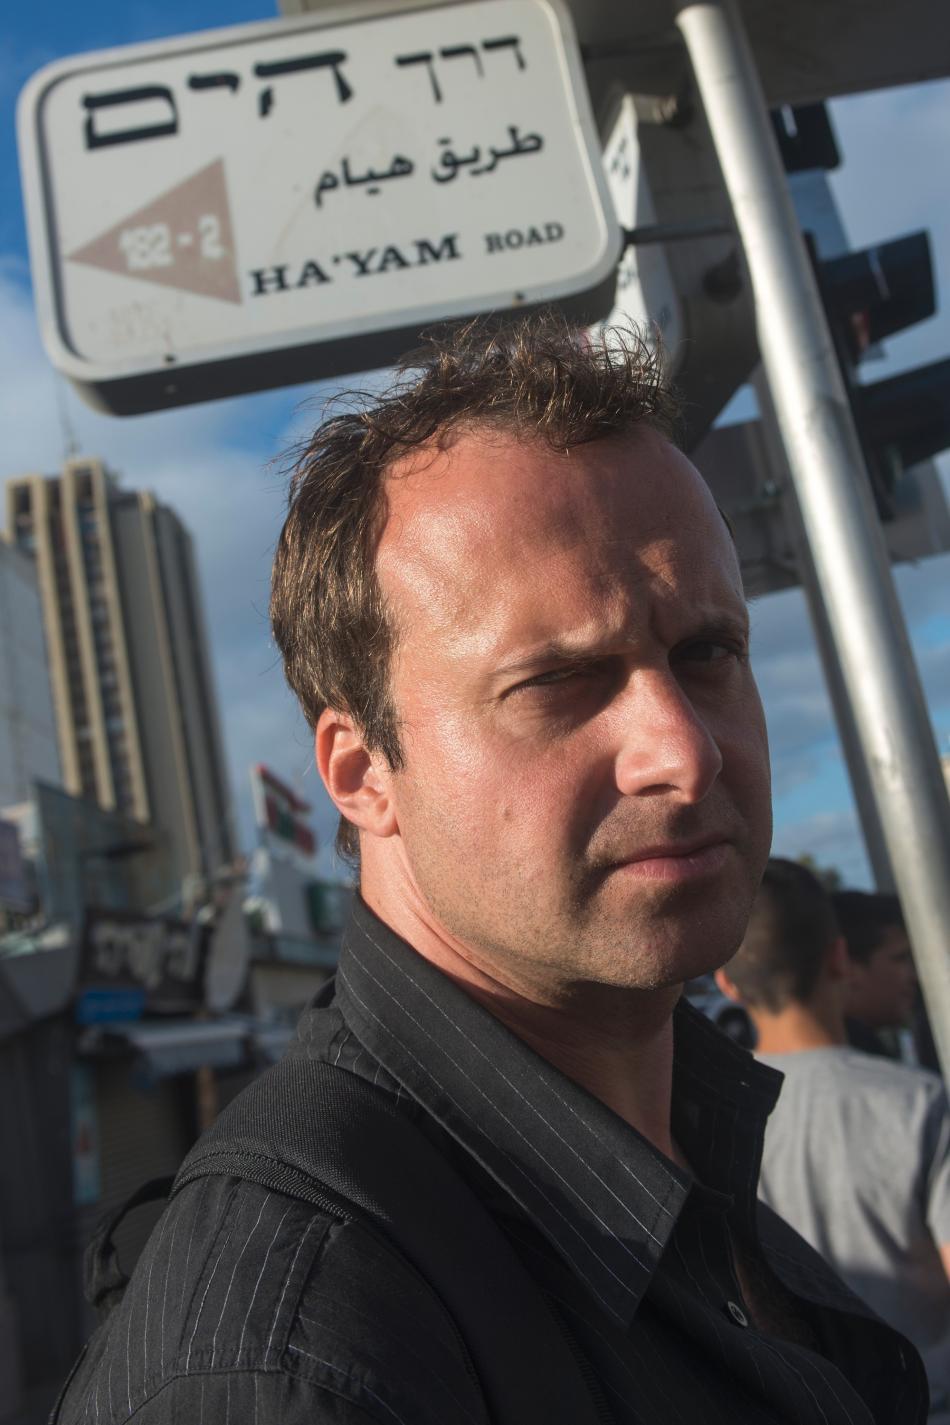 David Borek v Izraeli jako turista